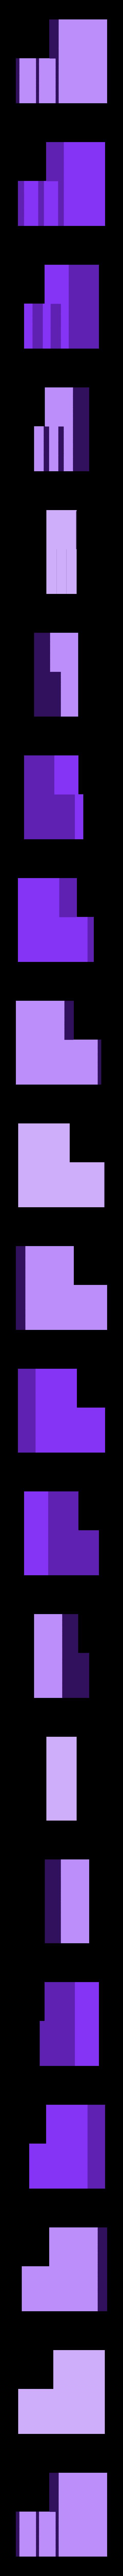 steps1_2.stl Télécharger fichier STL gratuit Le moulin • Design pour imprimante 3D, Earsling